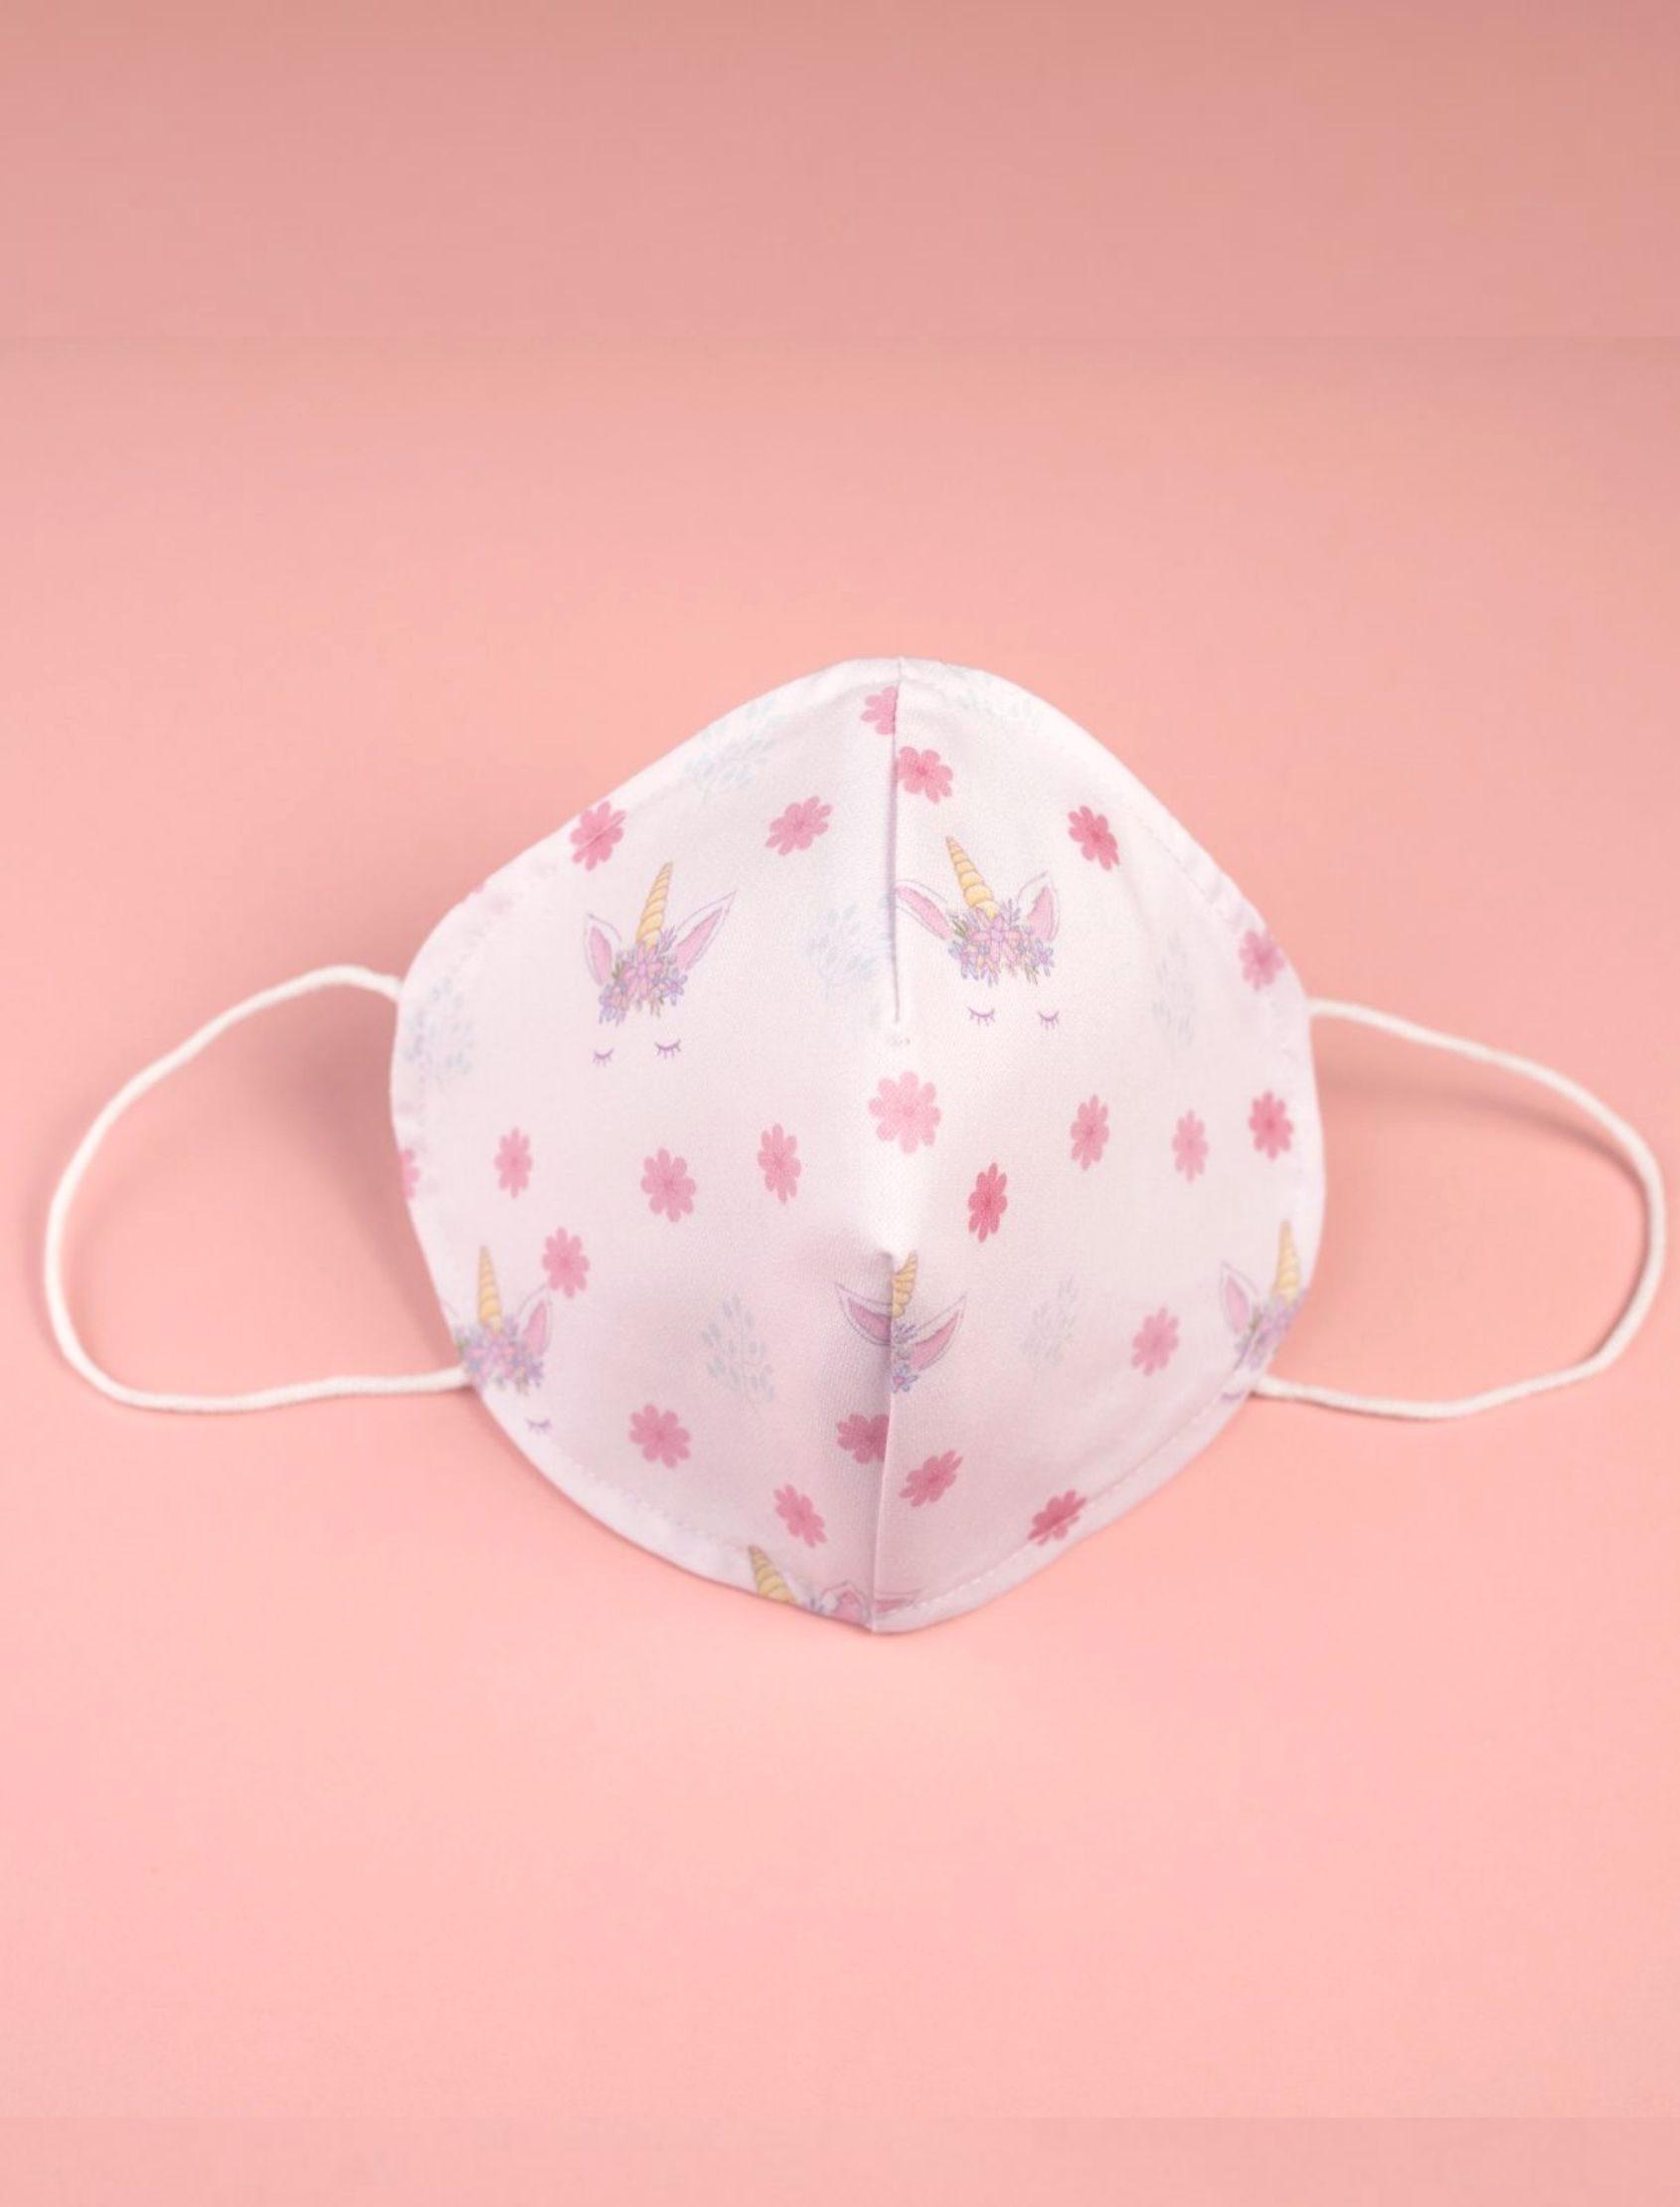 mascarilla reutilizable pink con fondo blanco y estampado de flores rosas con unicornios. Tejido Homologado Nako Mask.